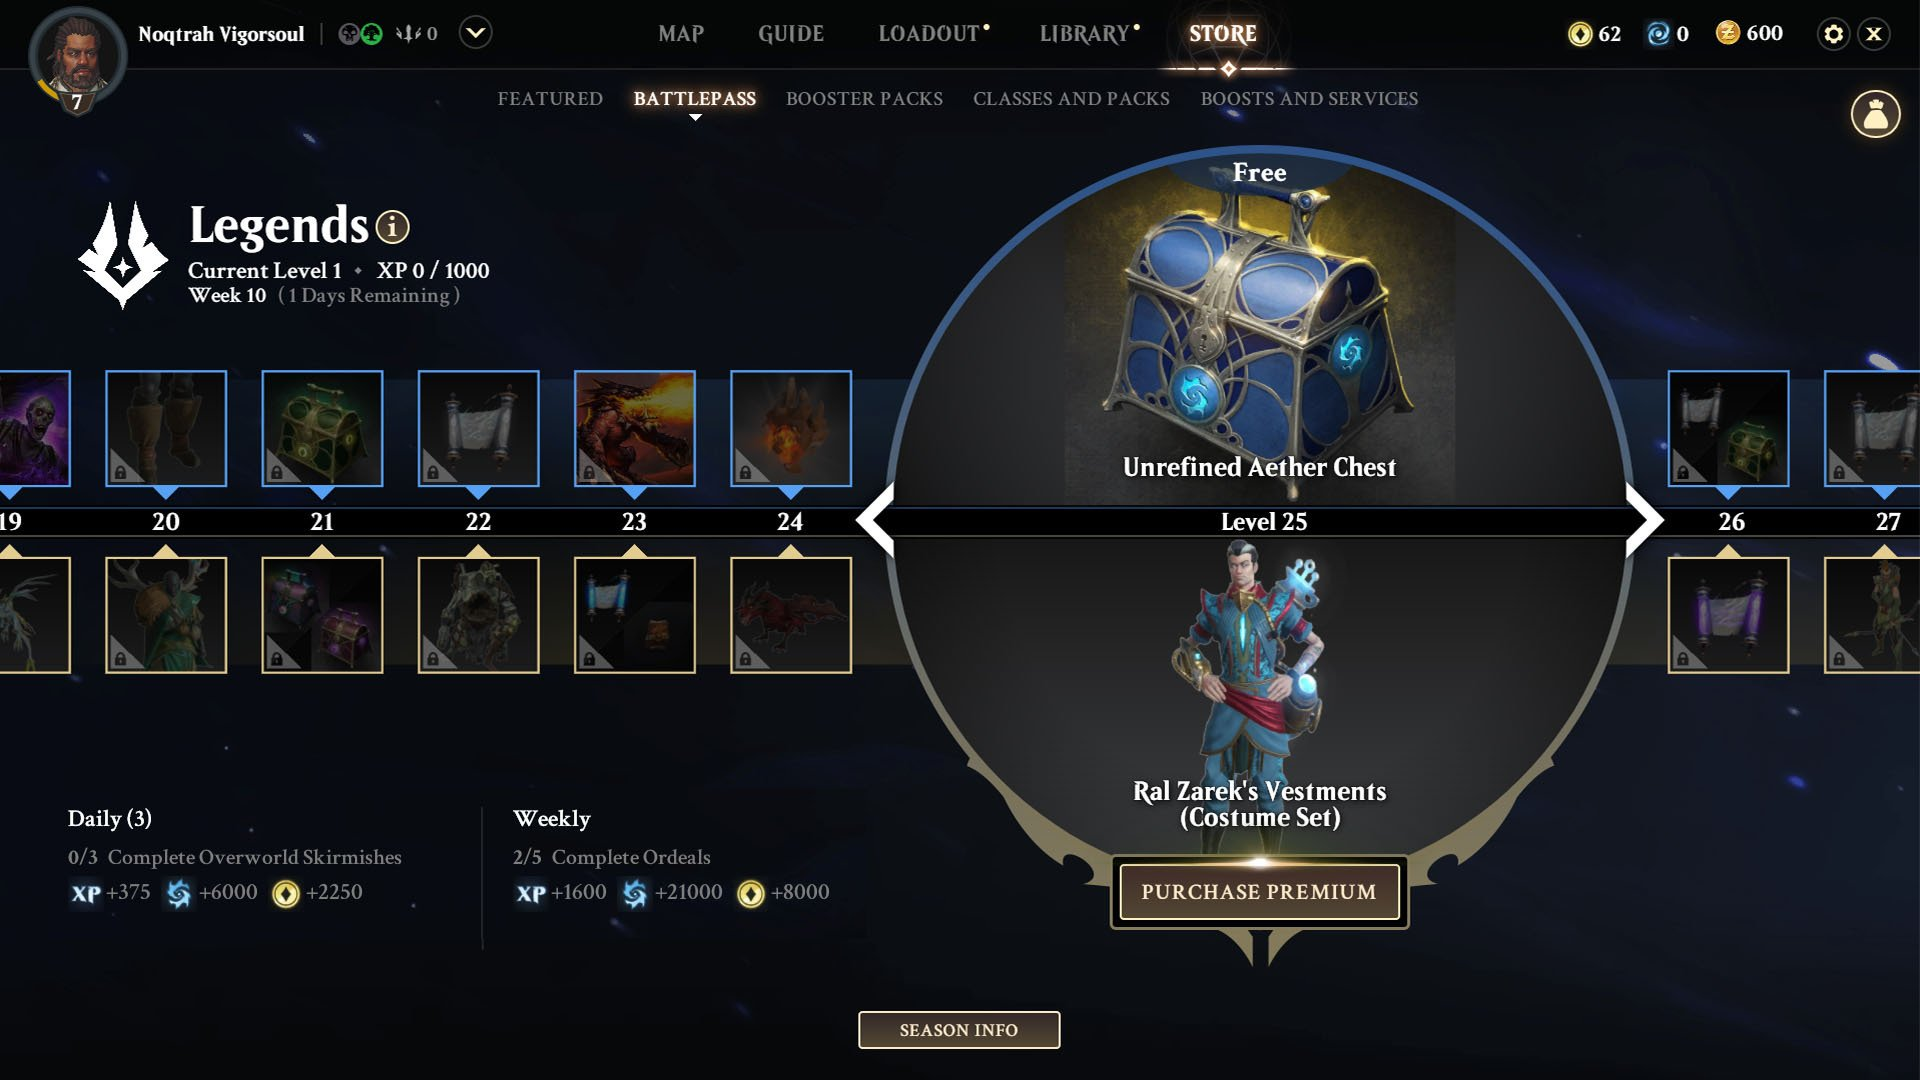 Magic Legends nuove informazioni sul Battle Pass, Broker e il currency exchange 1 (3) Magic: Legends